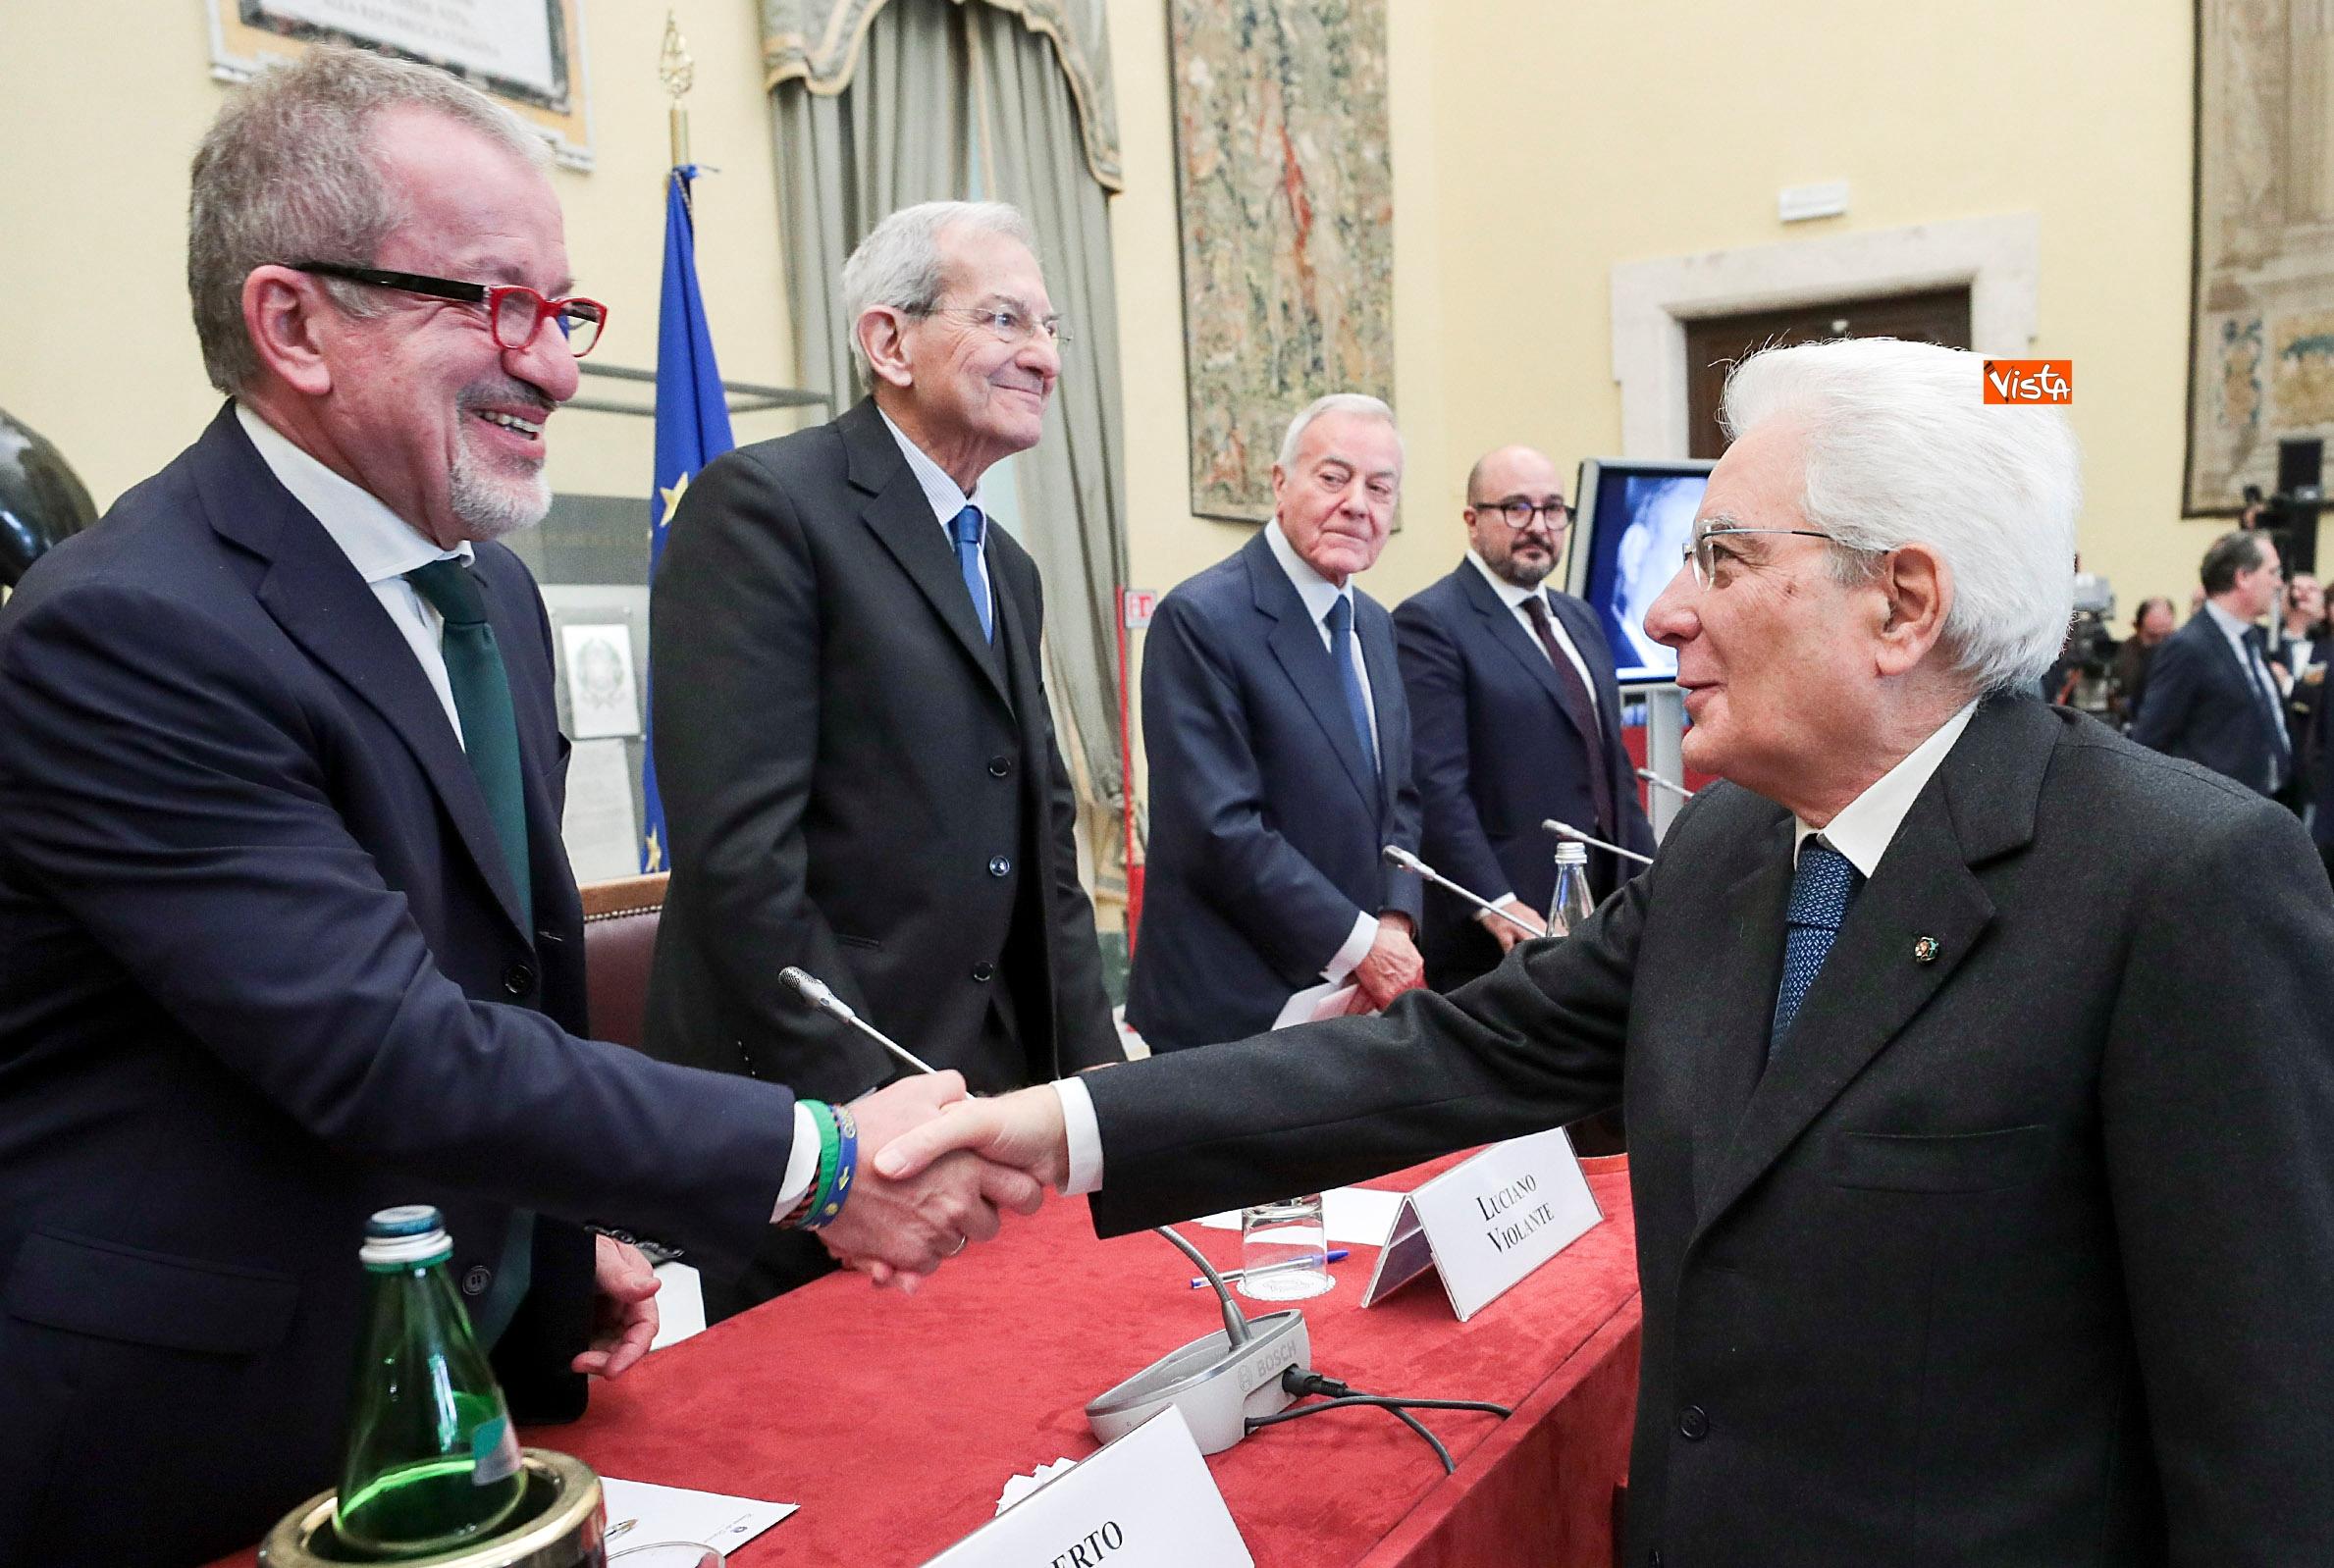 08-02-19 Mattarella alla commemorazione di Giuseppe Tatarella 01